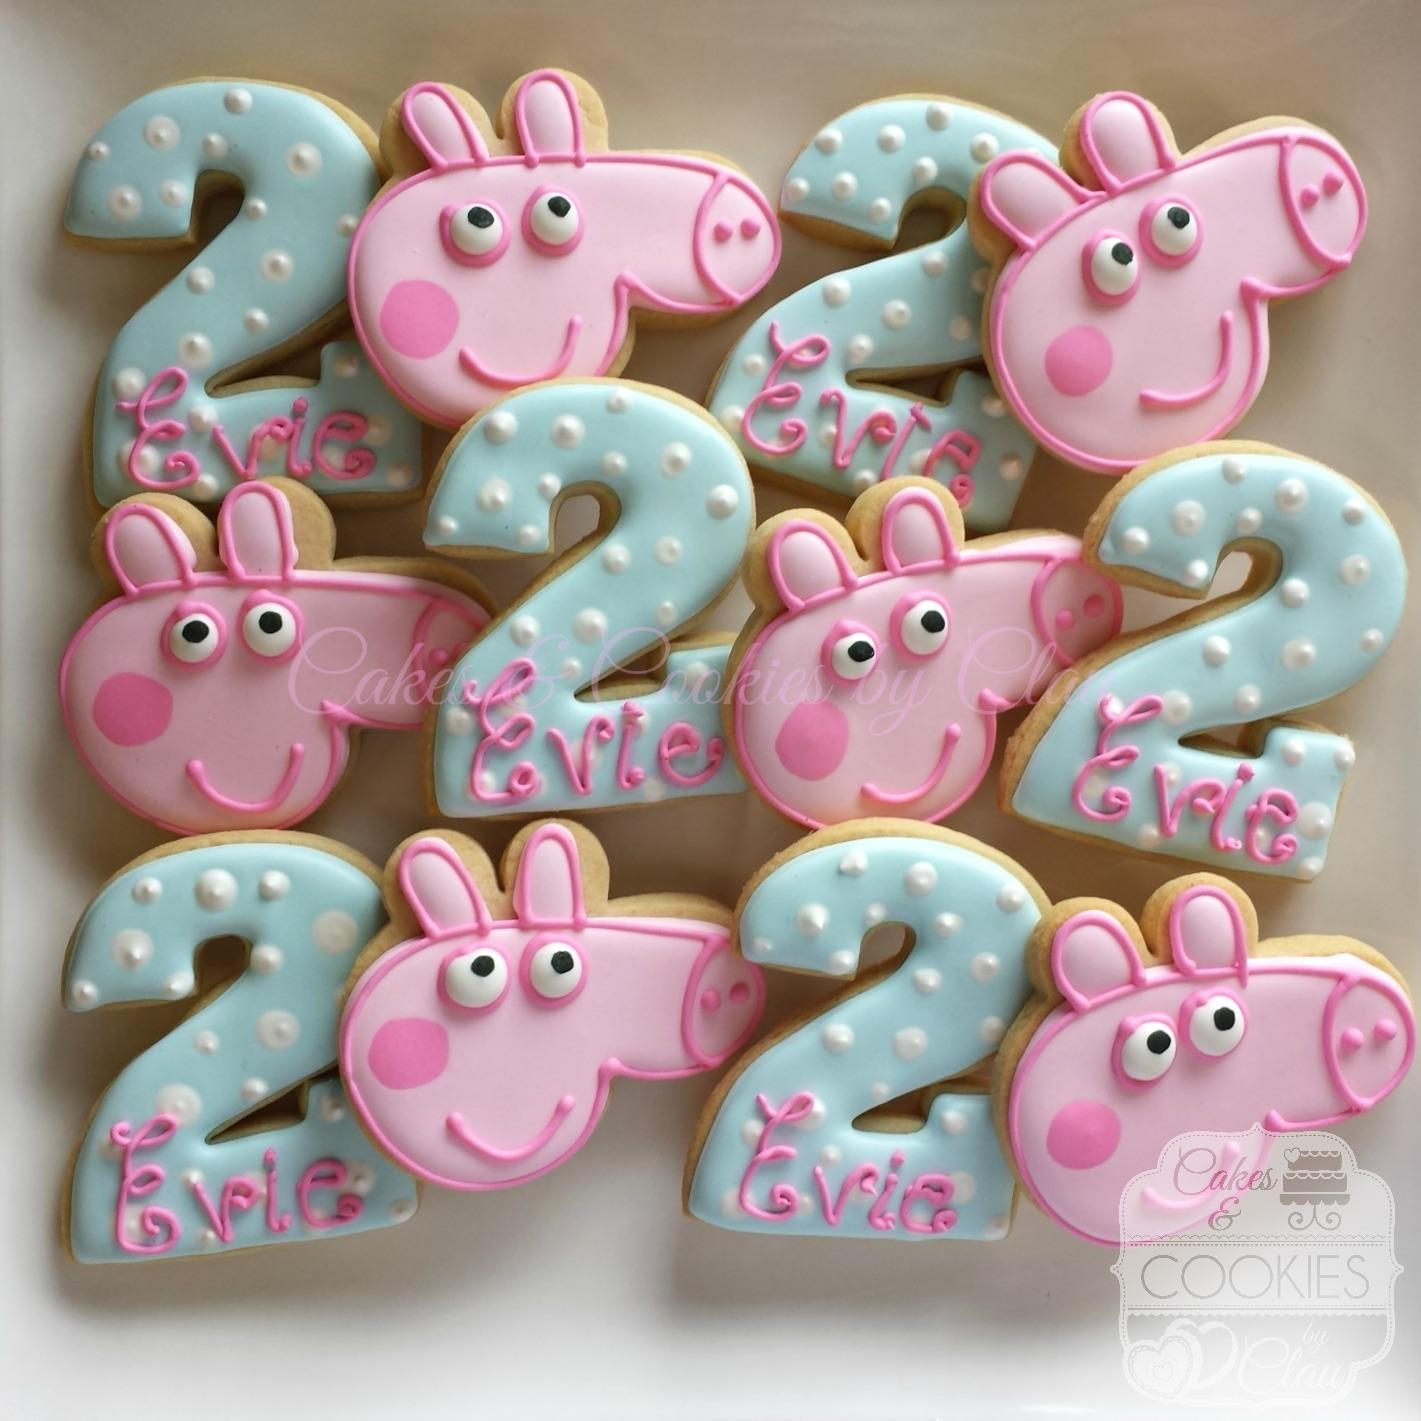 Peppa Pig - Evie